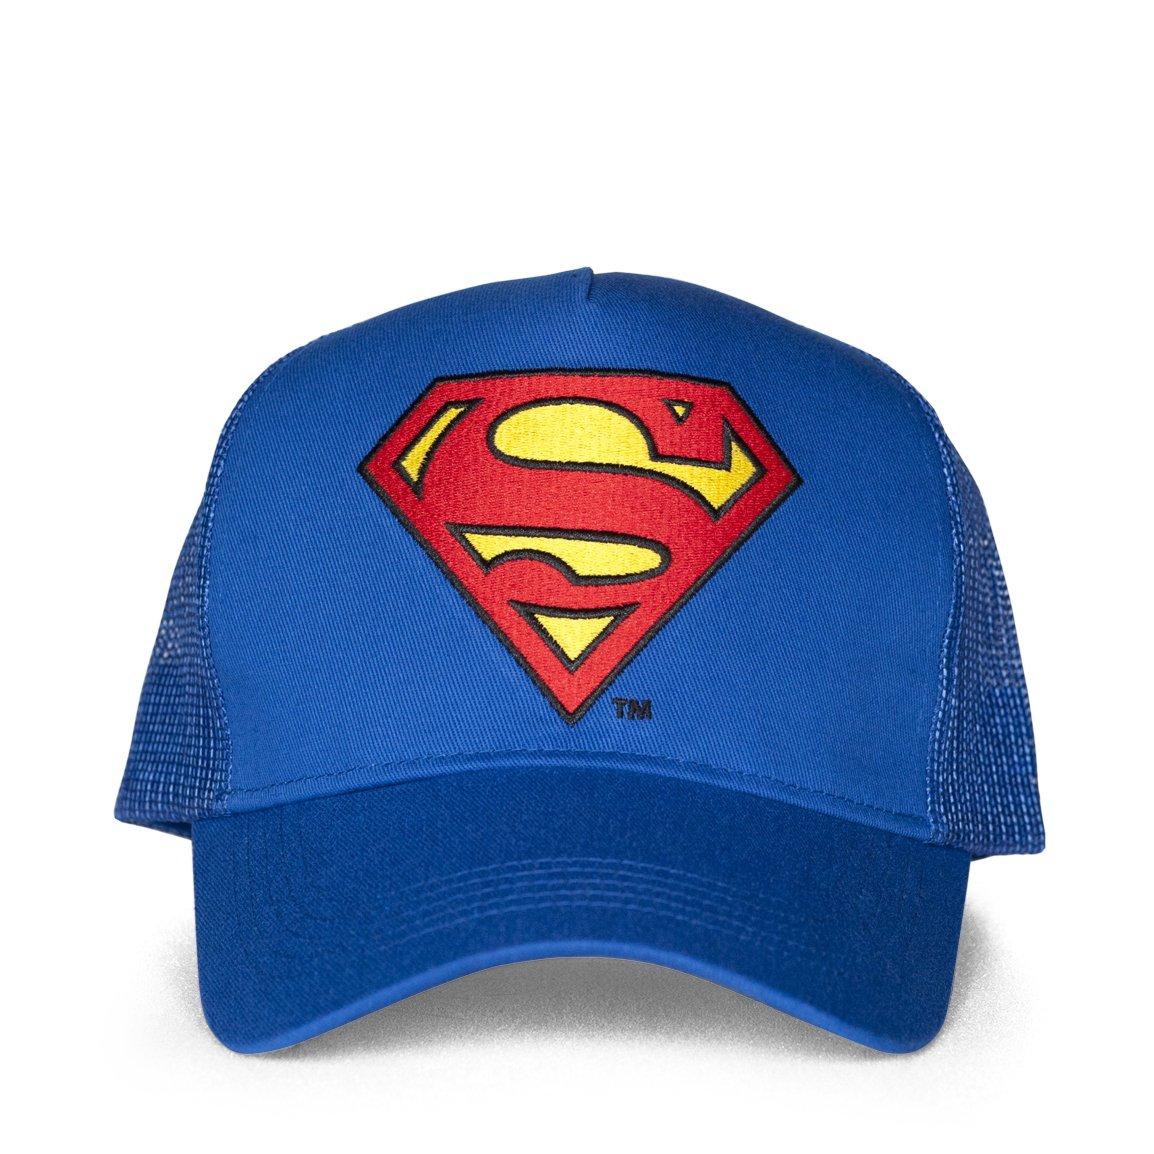 Taille Unique Mixte Adulte Superman Logo Casquette De Baseball Bleu Azur